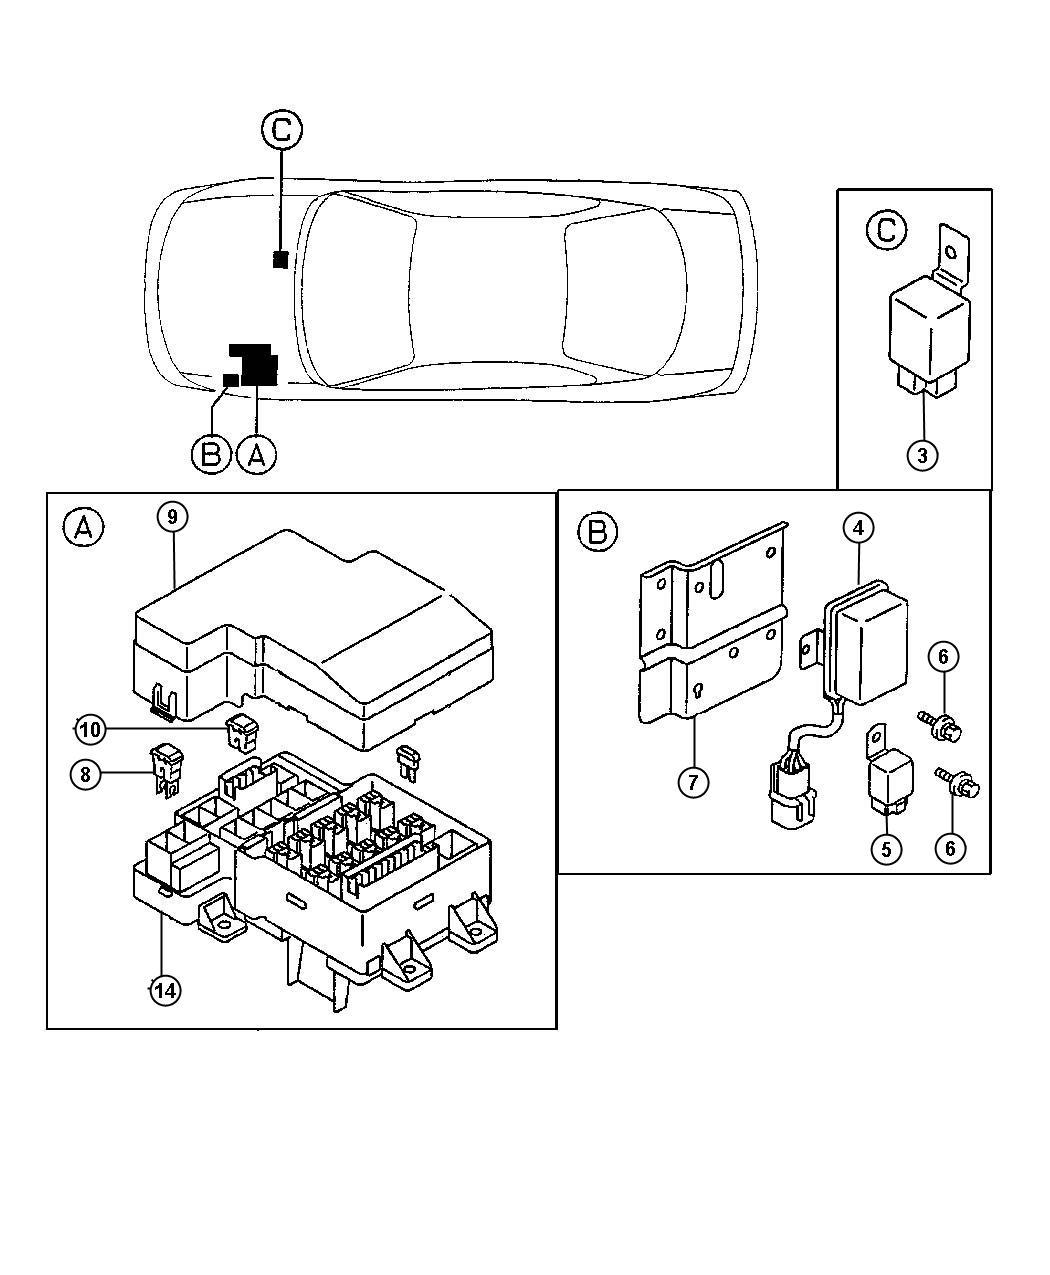 wiring diagram for 98 chrysler sebring